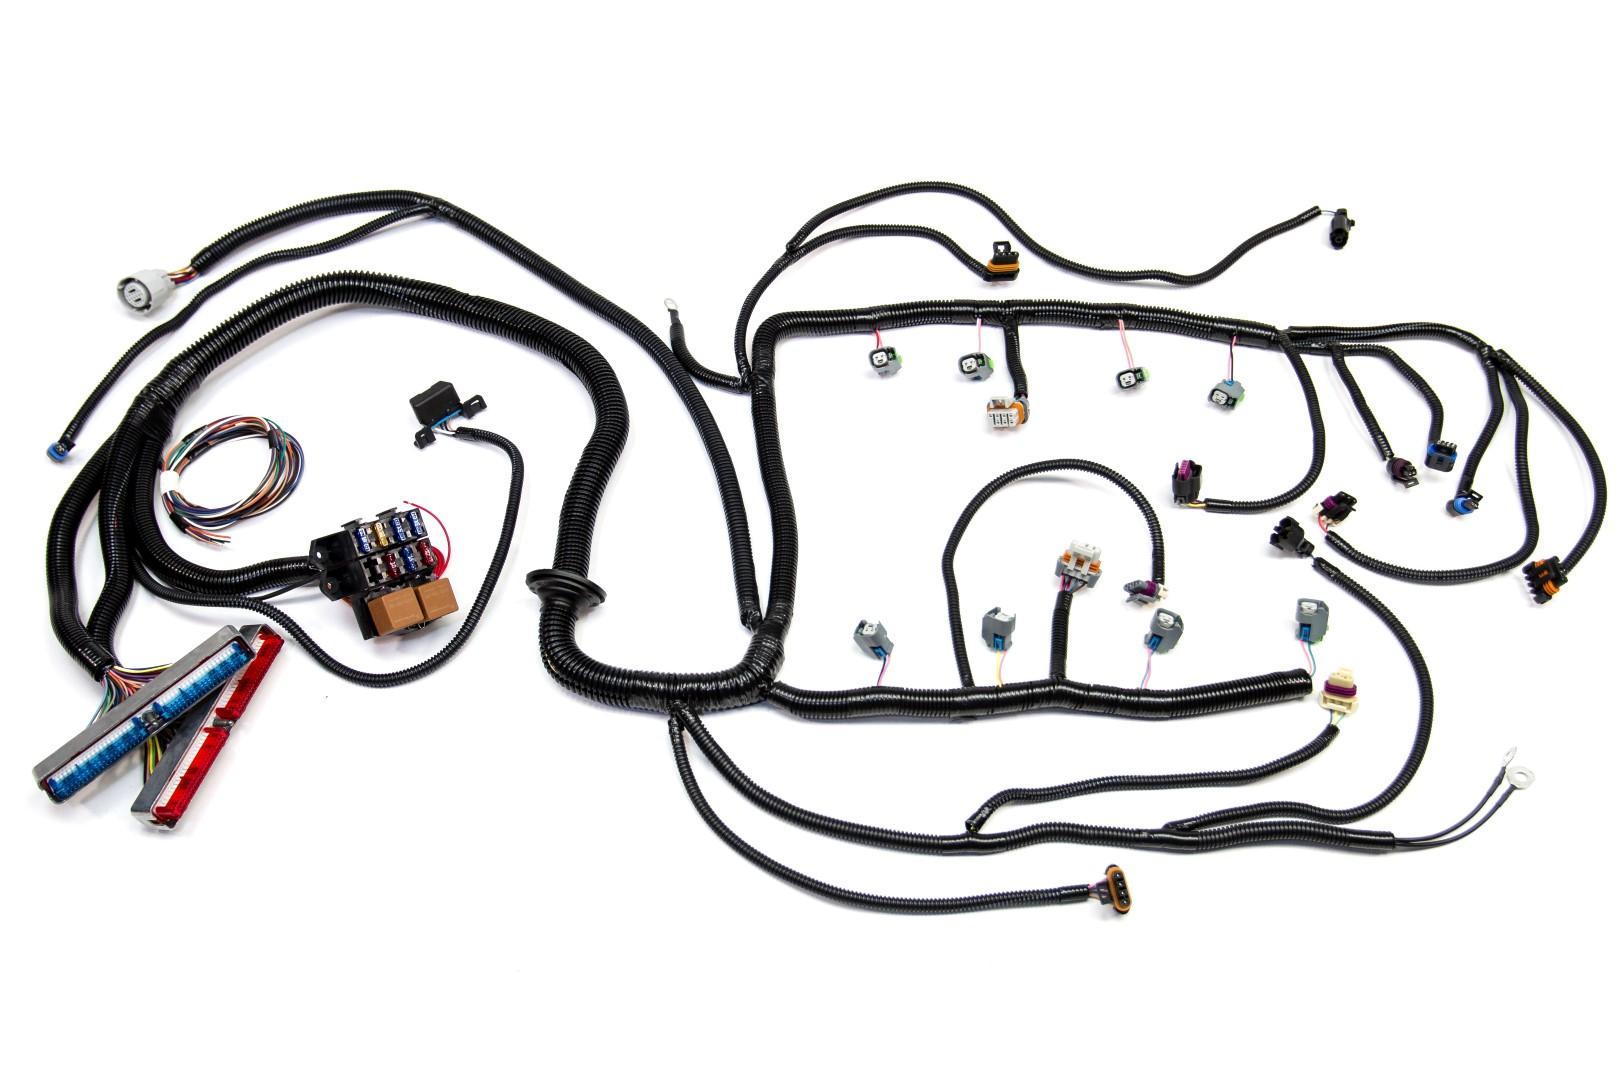 hight resolution of  06 13 gen iv ls2 ls3 w t56 tr6060 standalone wiring harness dbc ev1 inj